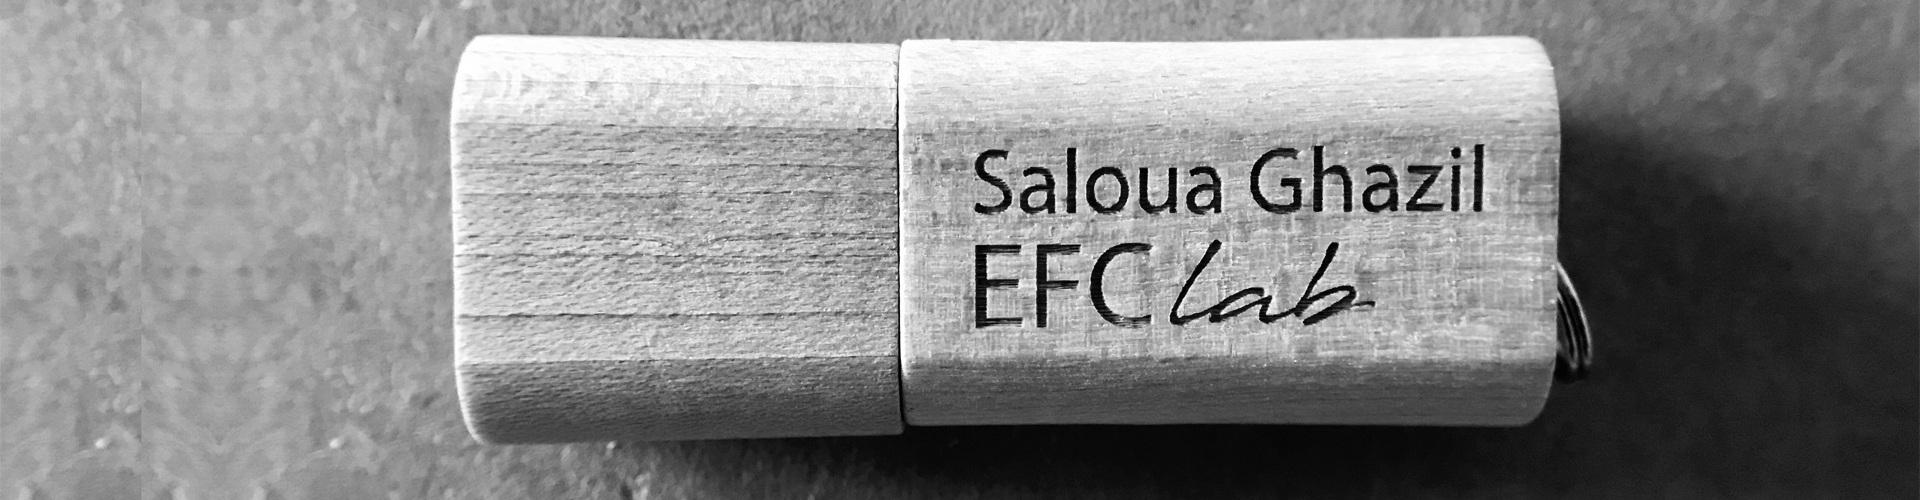 Clé USB personnalisé Saint-Malo